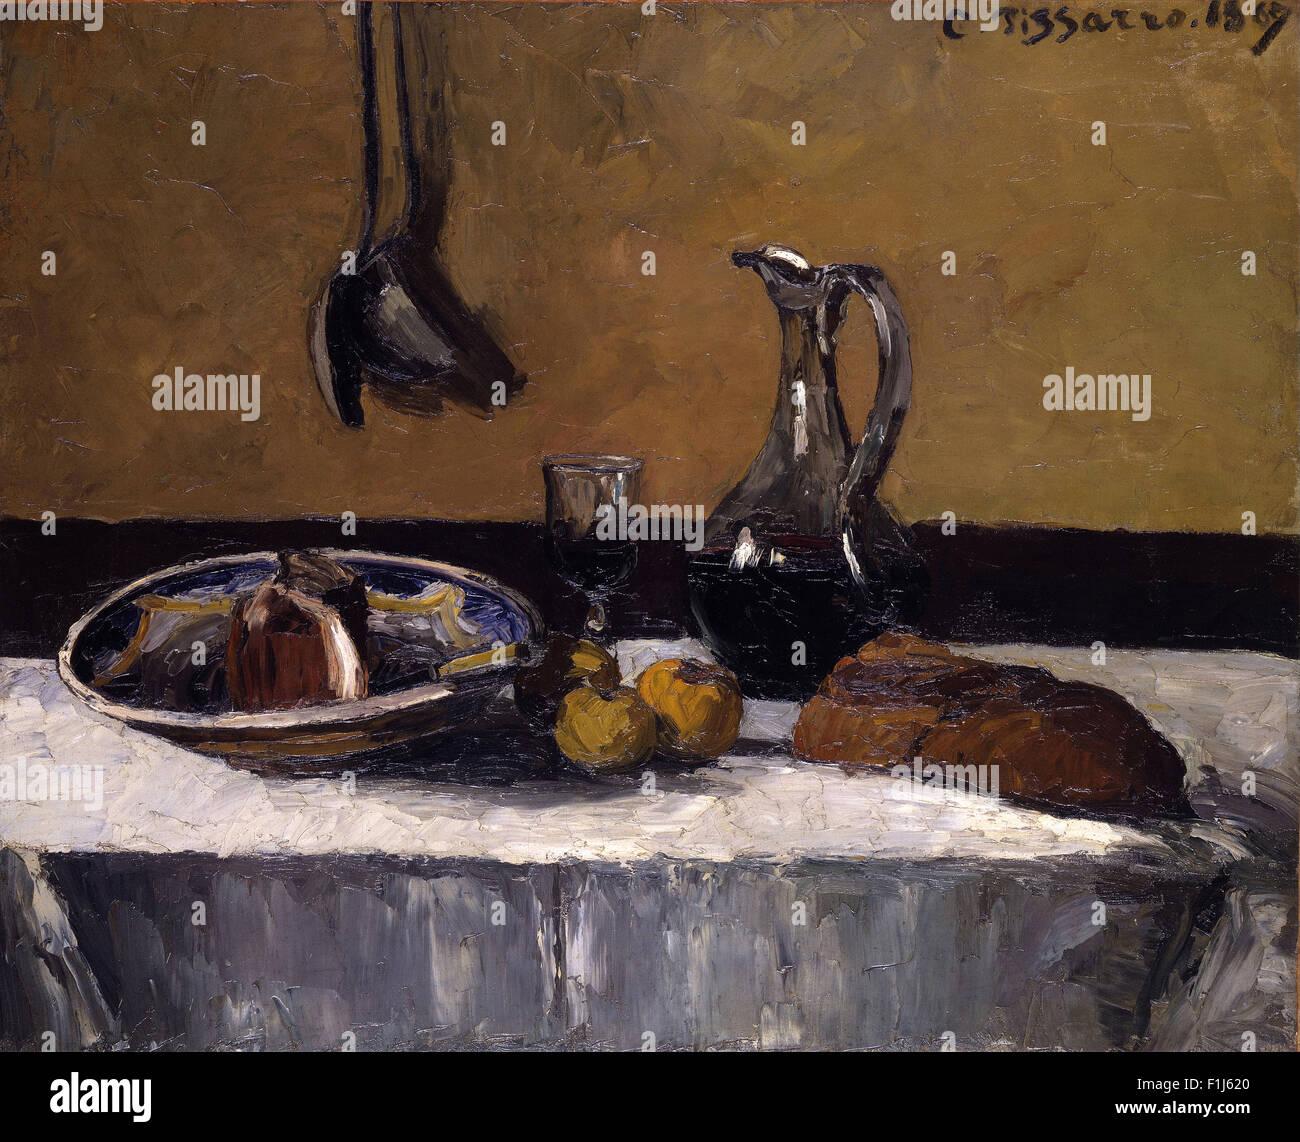 Camille Pissarro - Still Life Photo Stock